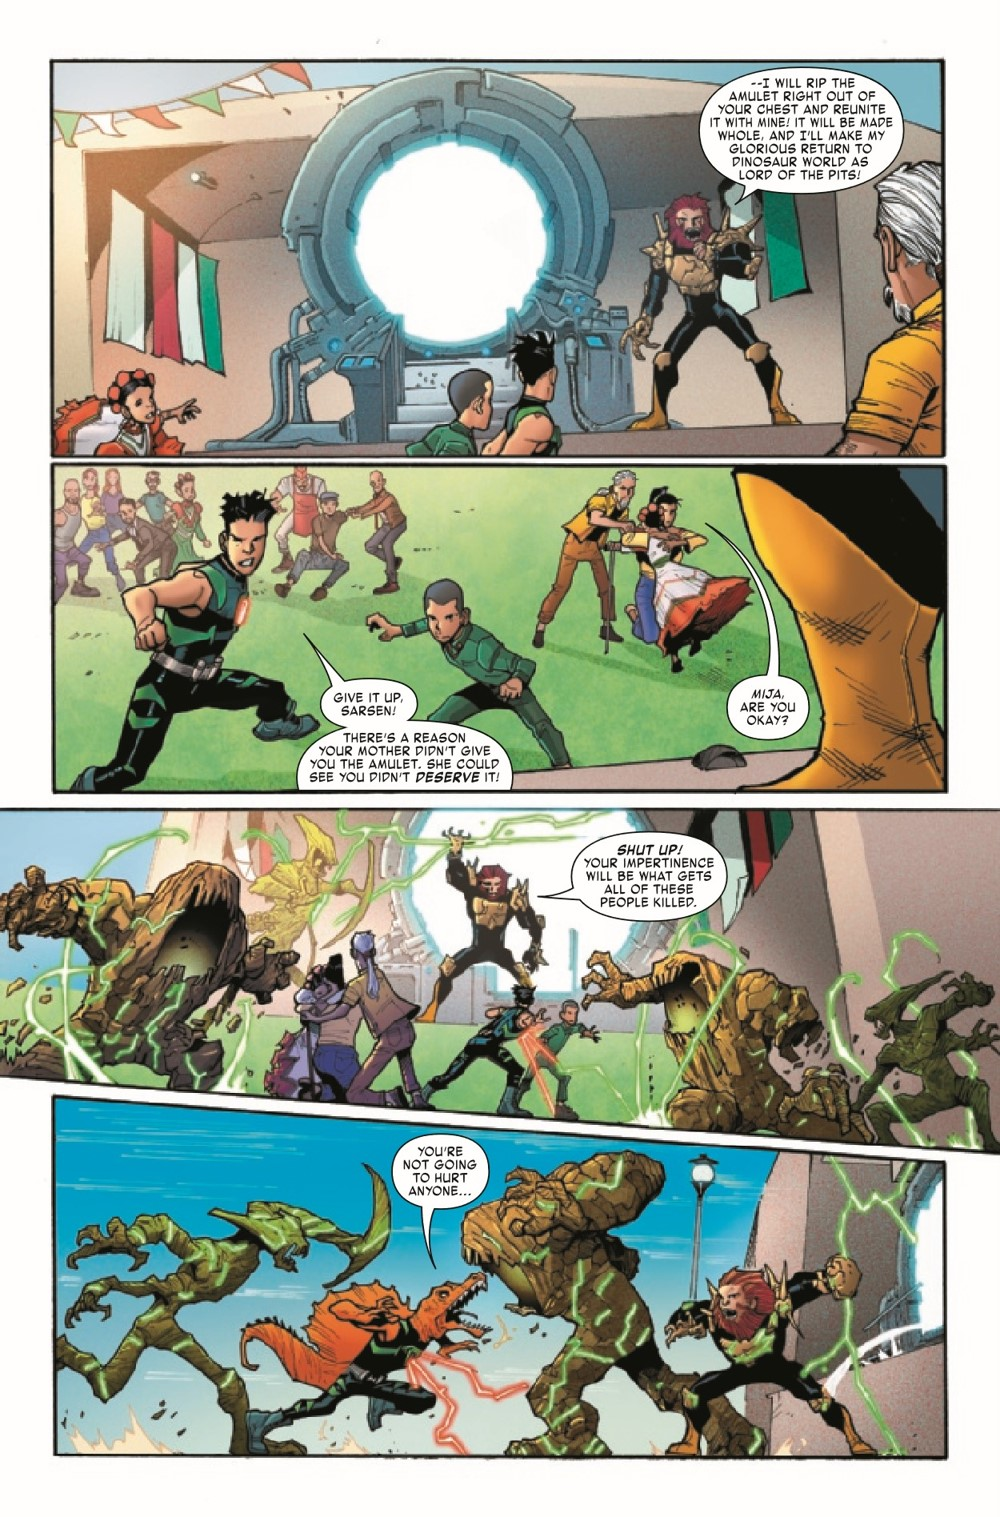 REPTIL2021004_Preview-5 ComicList Previews: REPTIL #4 (OF 4)